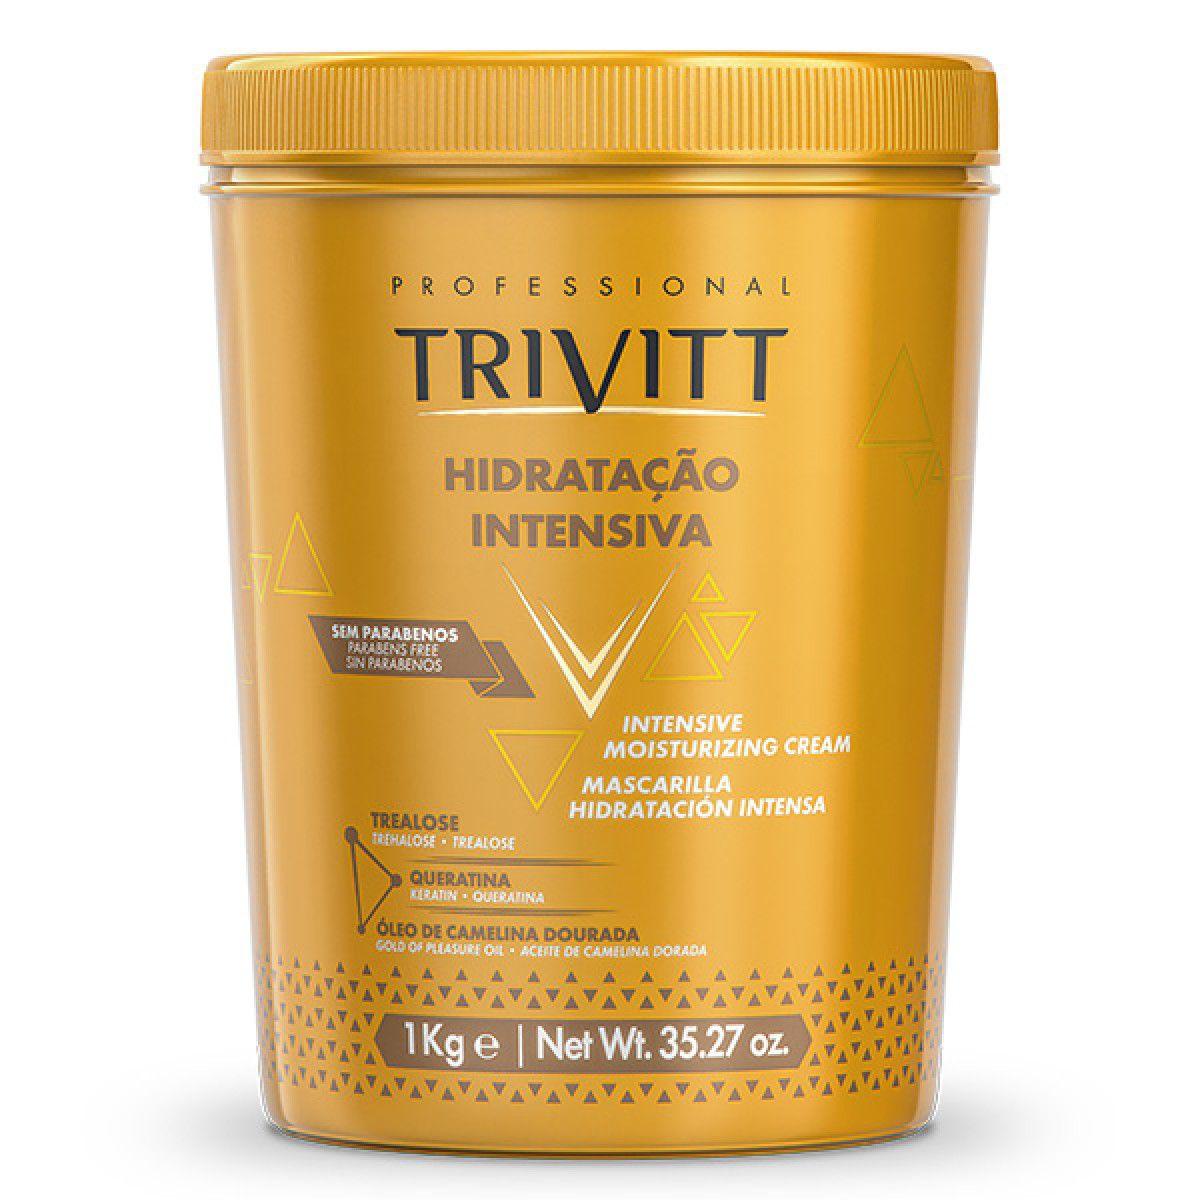 Spray De Brilho Intenso E Máscara De Hidratação Trivitt 1kg